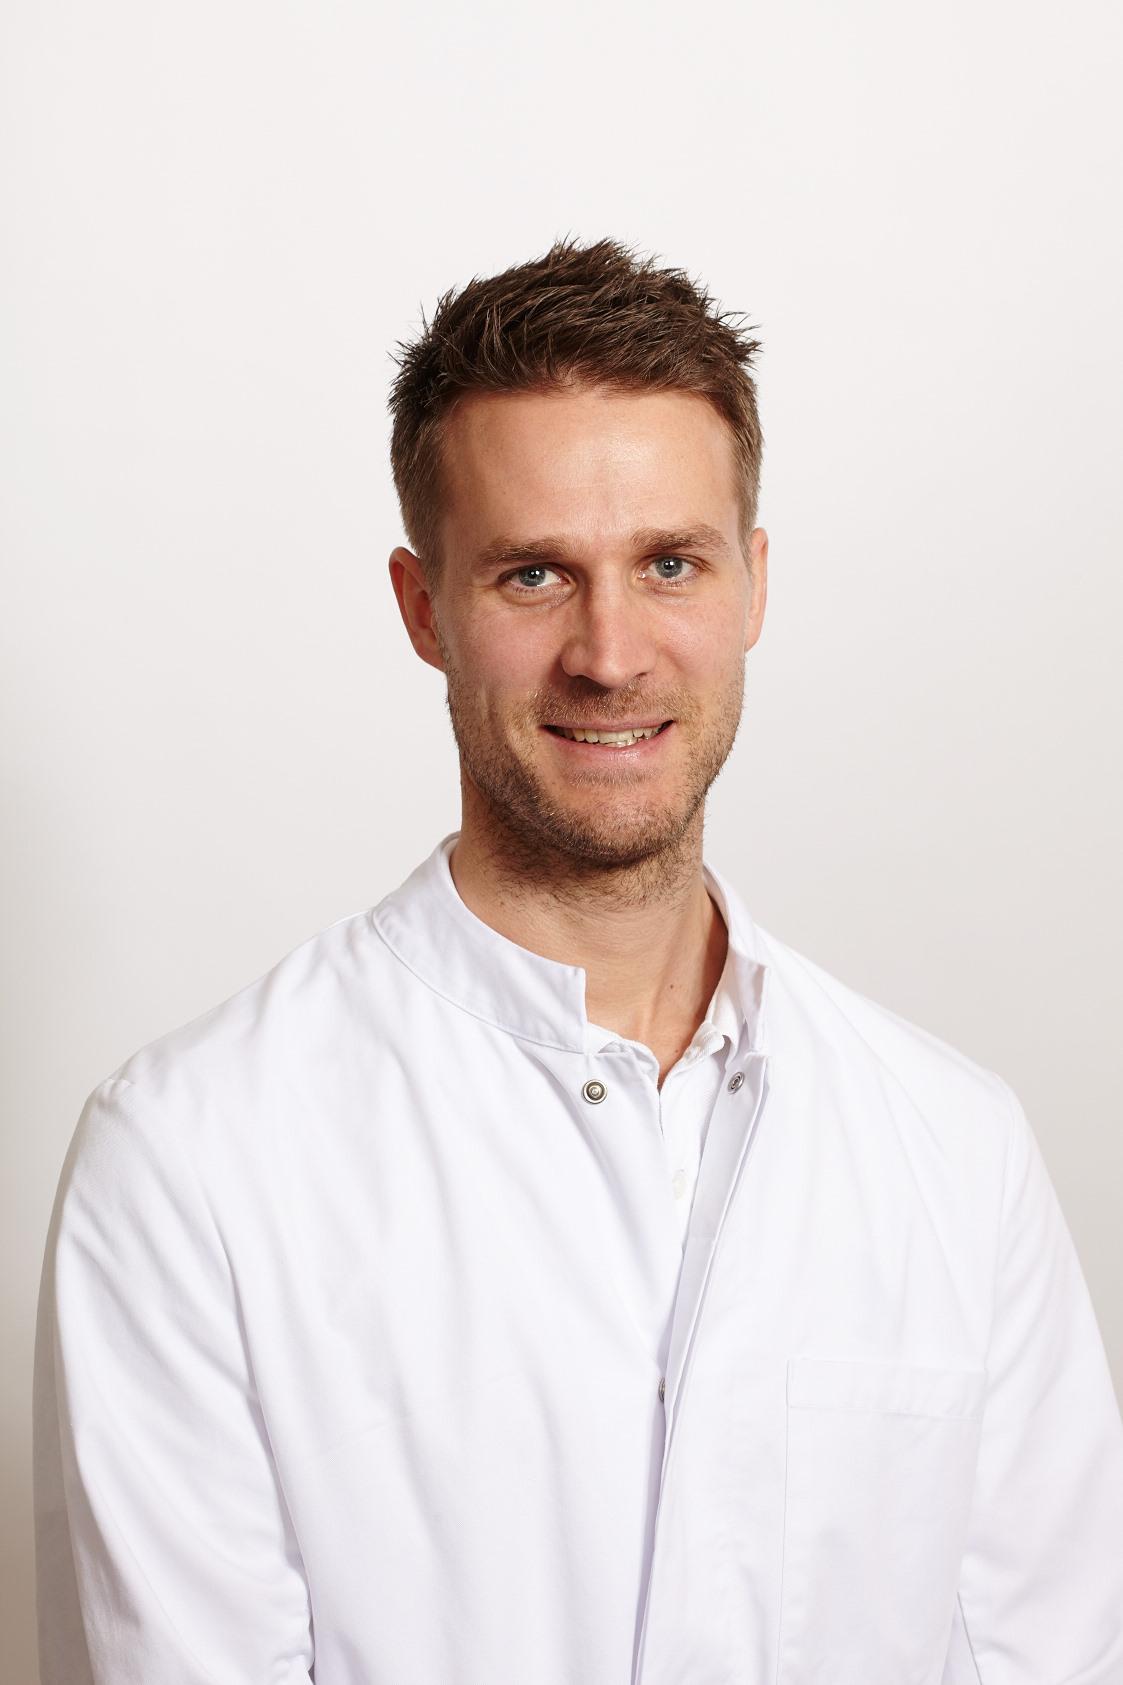 Seit 2017 NEU in unserem Orga-Team der Sportmedizinerkurse in Garmisch-Partenkirchen: Dr. med. Thomas Bartl